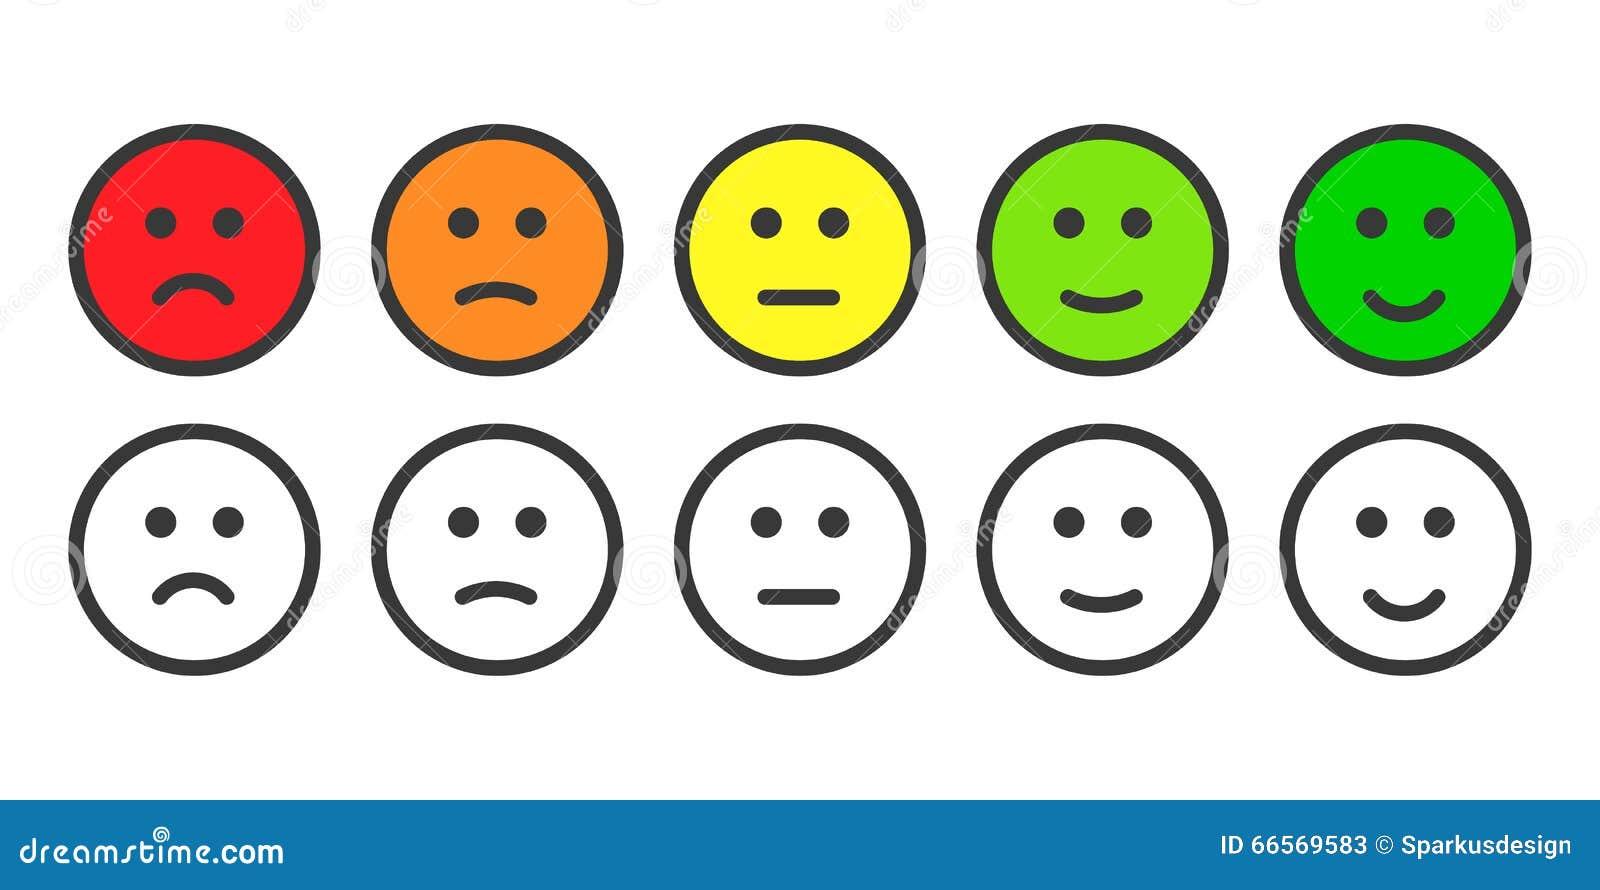 Emoji-Ikonen Für Rate Des Zufriedenheits-Niveaus Vektor Abbildung - Bild: 66569583